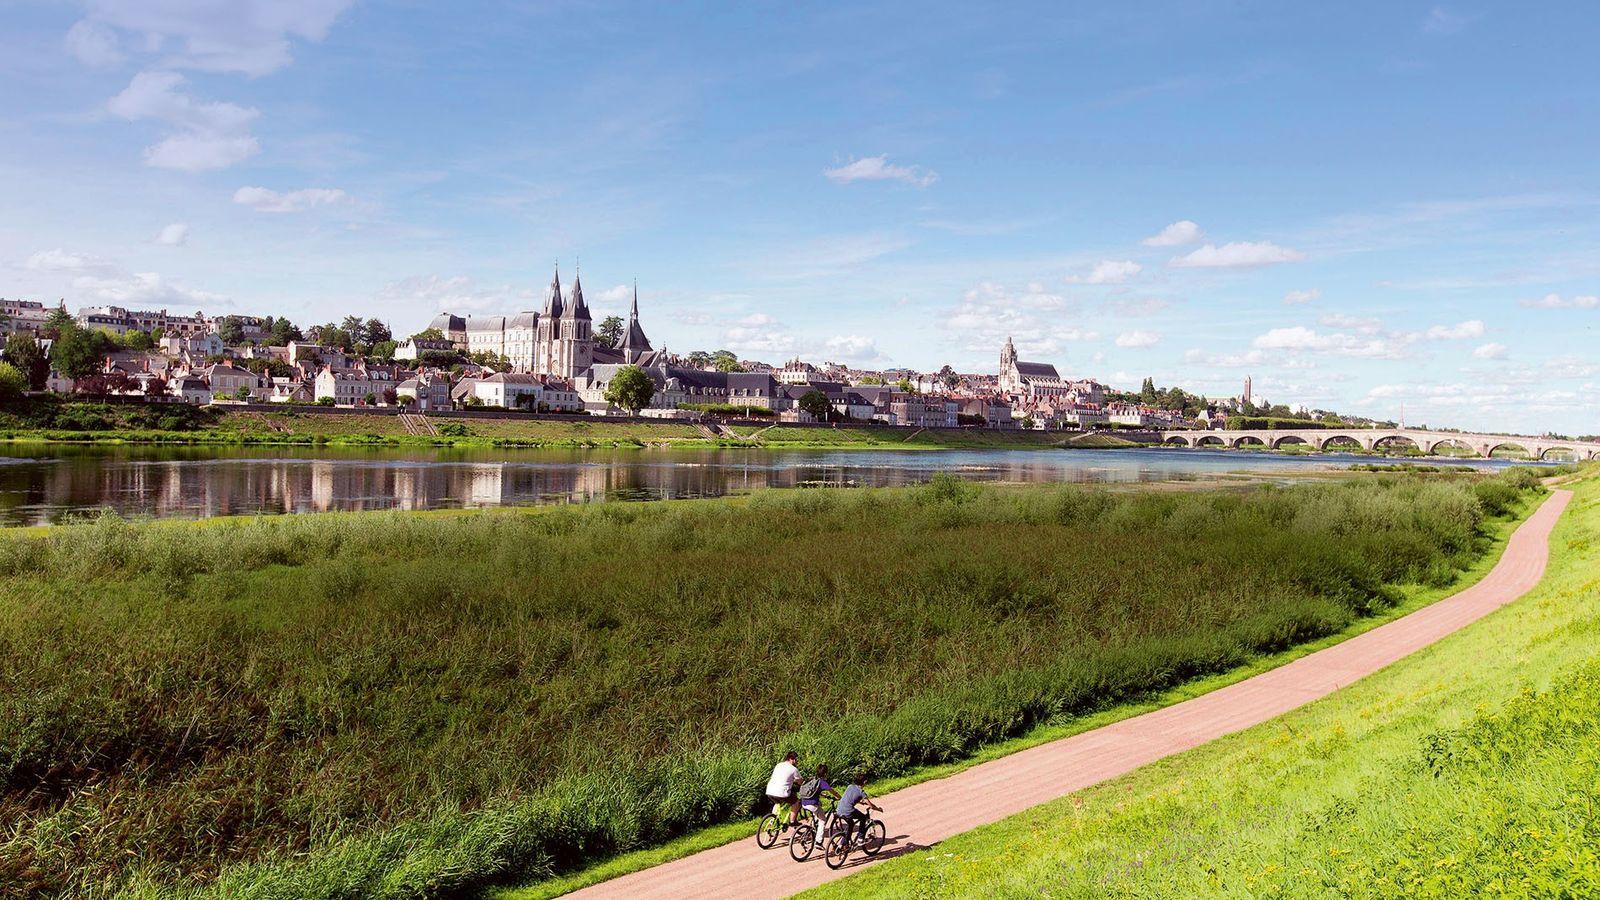 Bikers on the picturesque Loire à Vélo cycle route